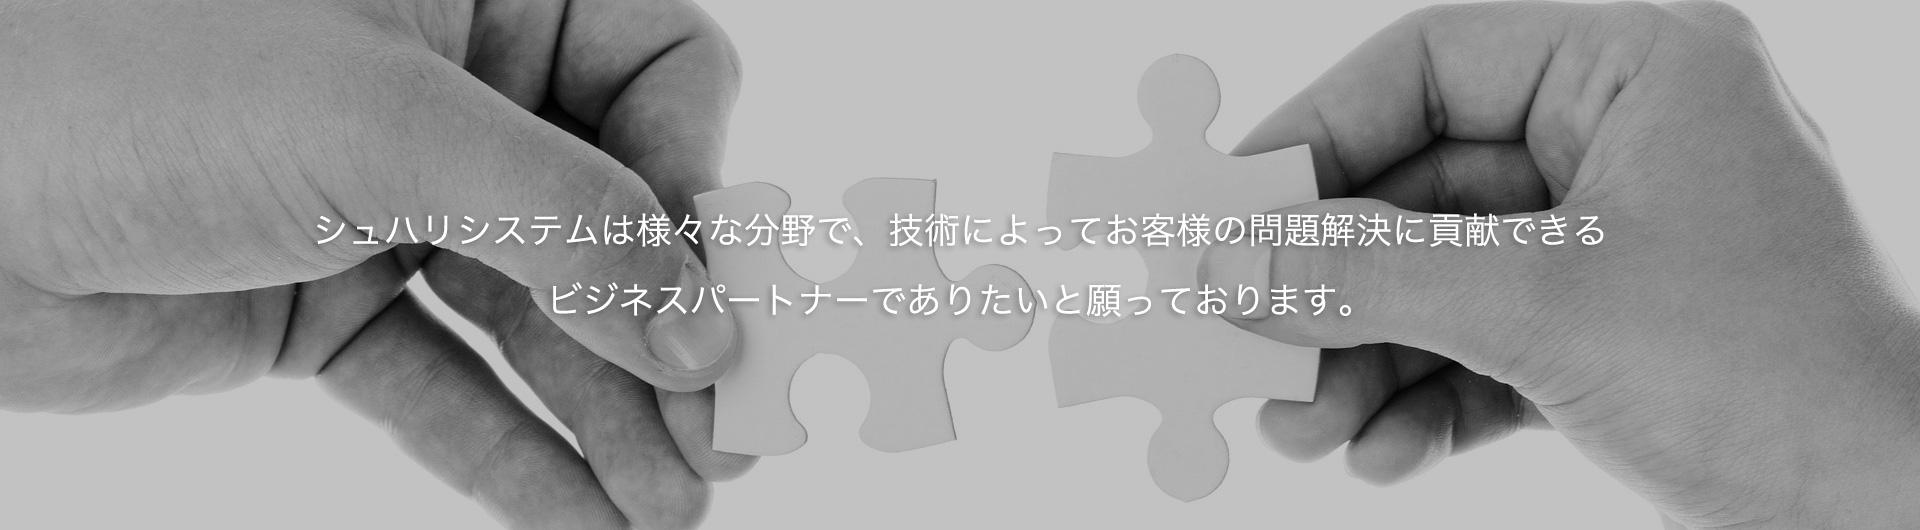 シュハリシステムは様々な分野で、技術によってお客様の問題解決に貢献できる ビジネスパートナーでありたいと願っております。